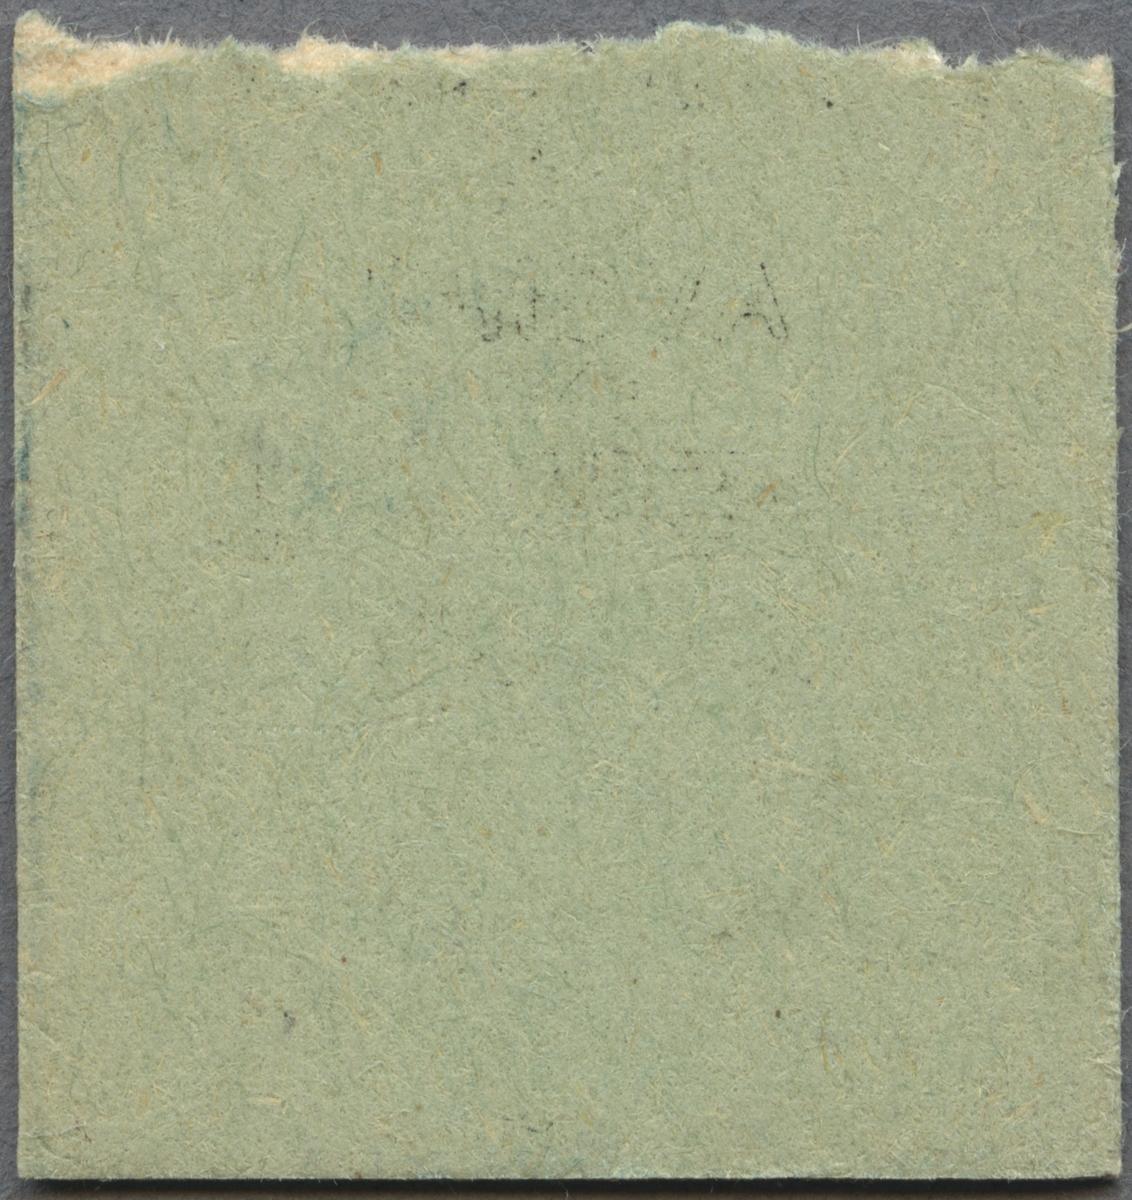 """Edmonsonsk biljett av ljusgrön kartong med tryckt text i svart: """"SJ AVGIFT för AVBESTÄLLD sovplats  2.00 2 Nord. Kompaniet, Sthlm"""". Biljetten saknar datum, längst ner finns biljettnumret """"02496"""". Biljetten har en avriven perforering längst upp."""